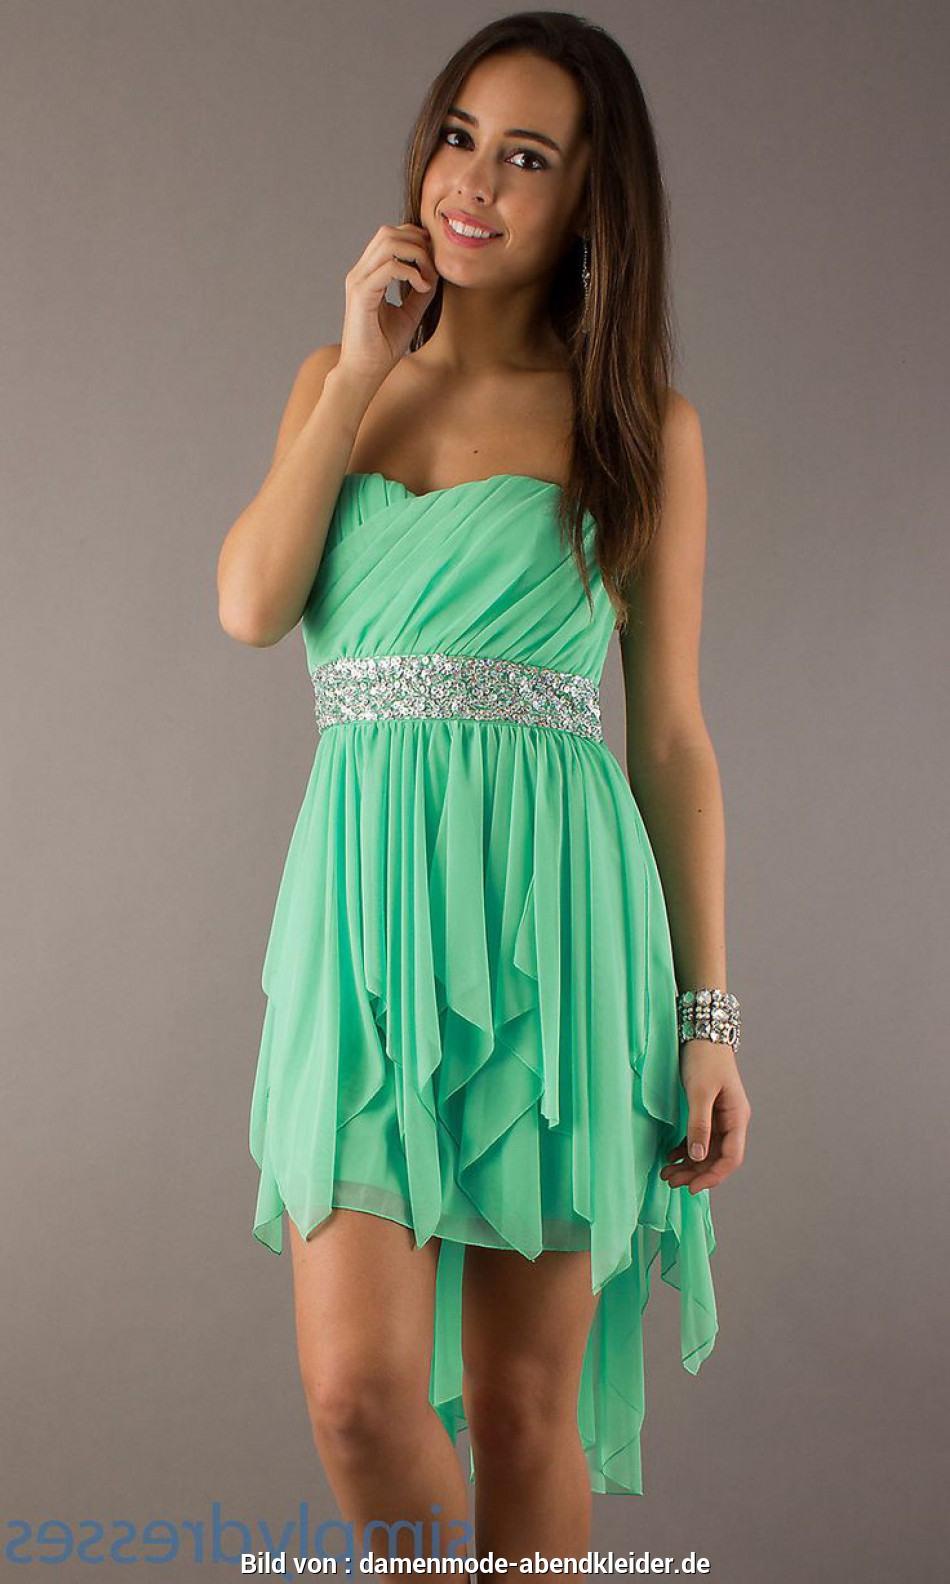 15 Schön Abendkleid Teenager BoutiqueFormal Wunderbar Abendkleid Teenager Spezialgebiet